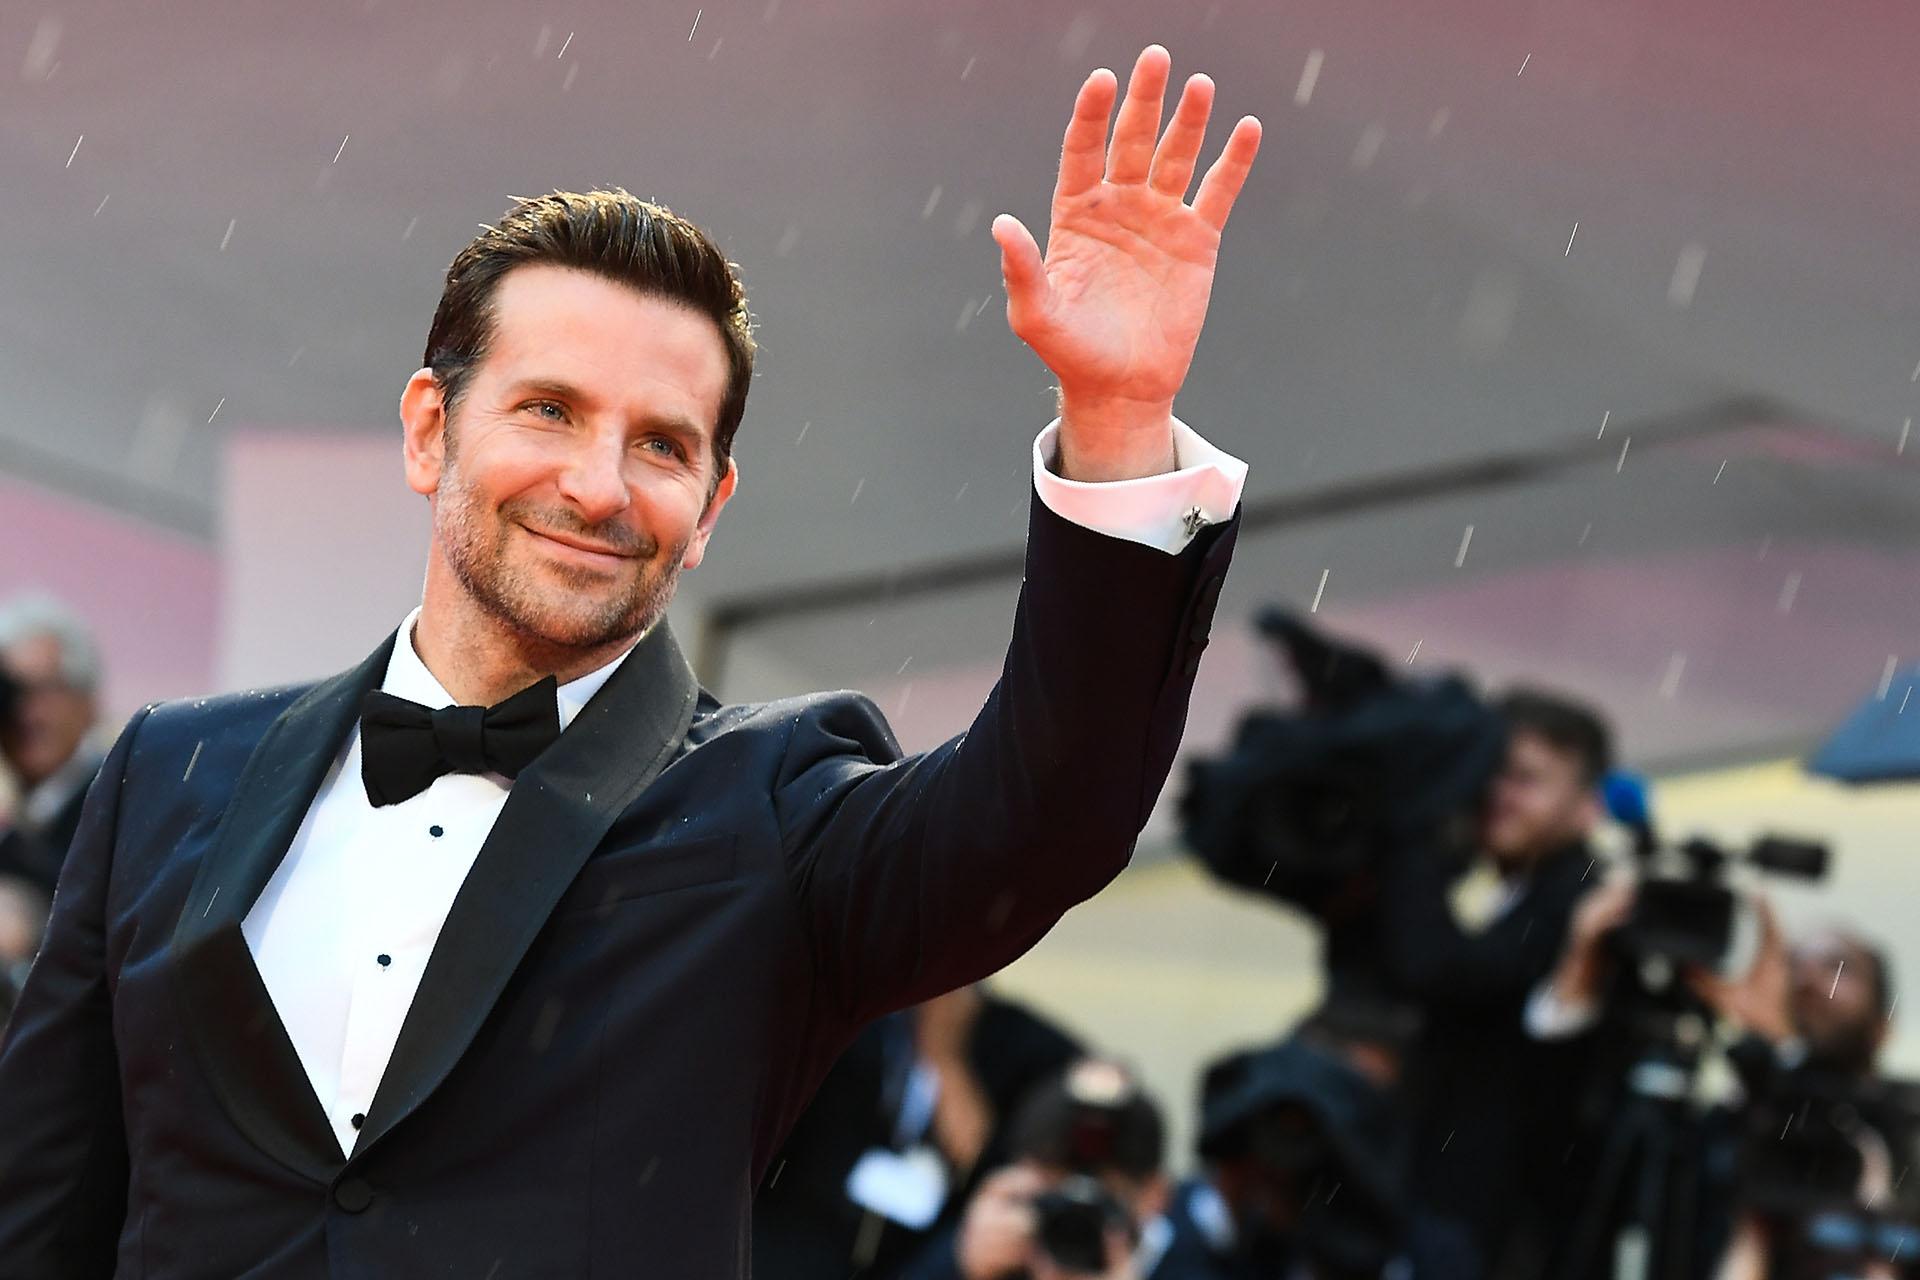 La llegada del protagonista masculino, Bradley Cooper, quien llegó a Venecia acompañado por su pareja, la modelo Irina Shayk